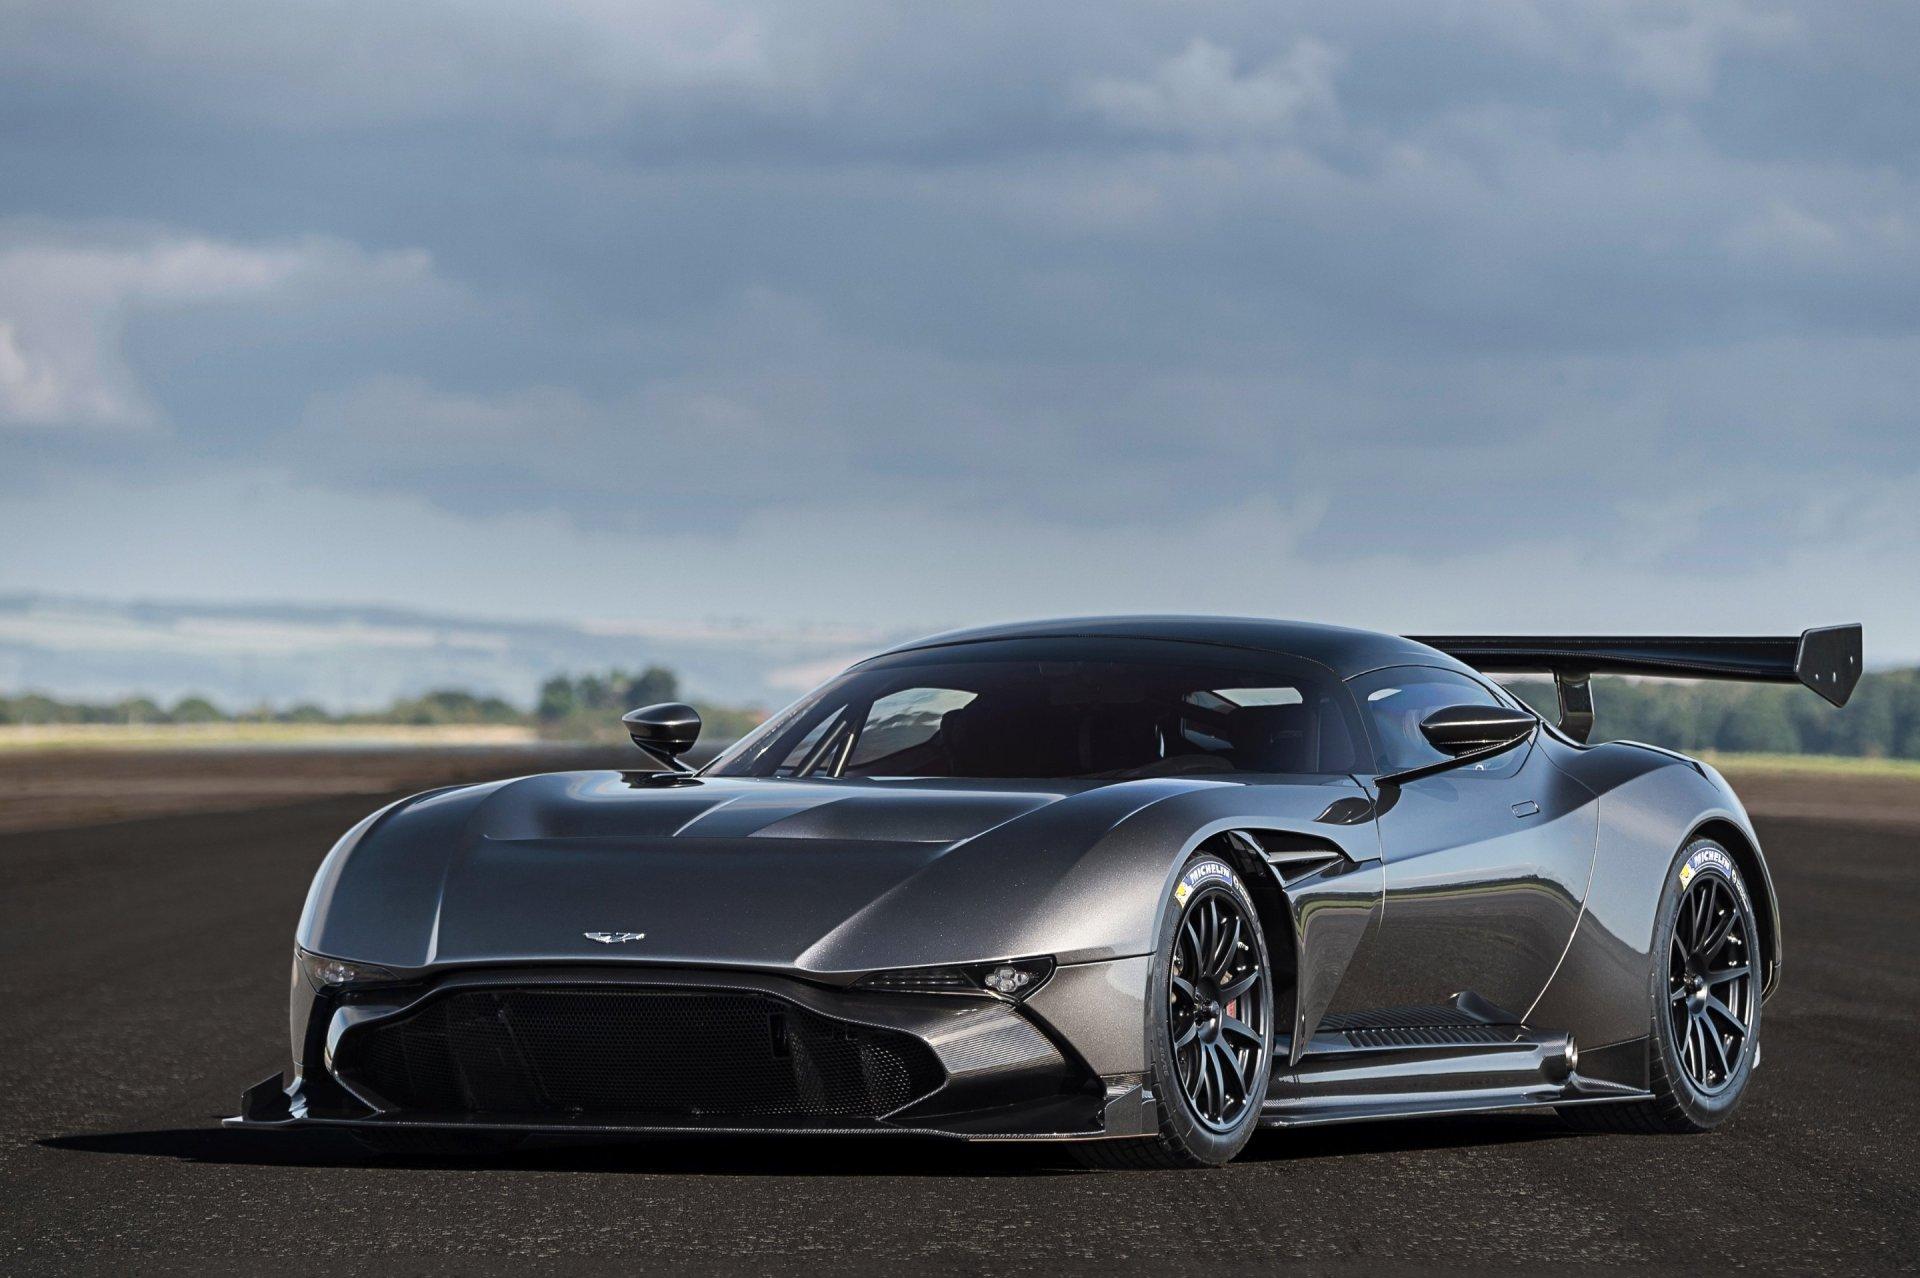 Aston Martin Vulcan Hypercar Info